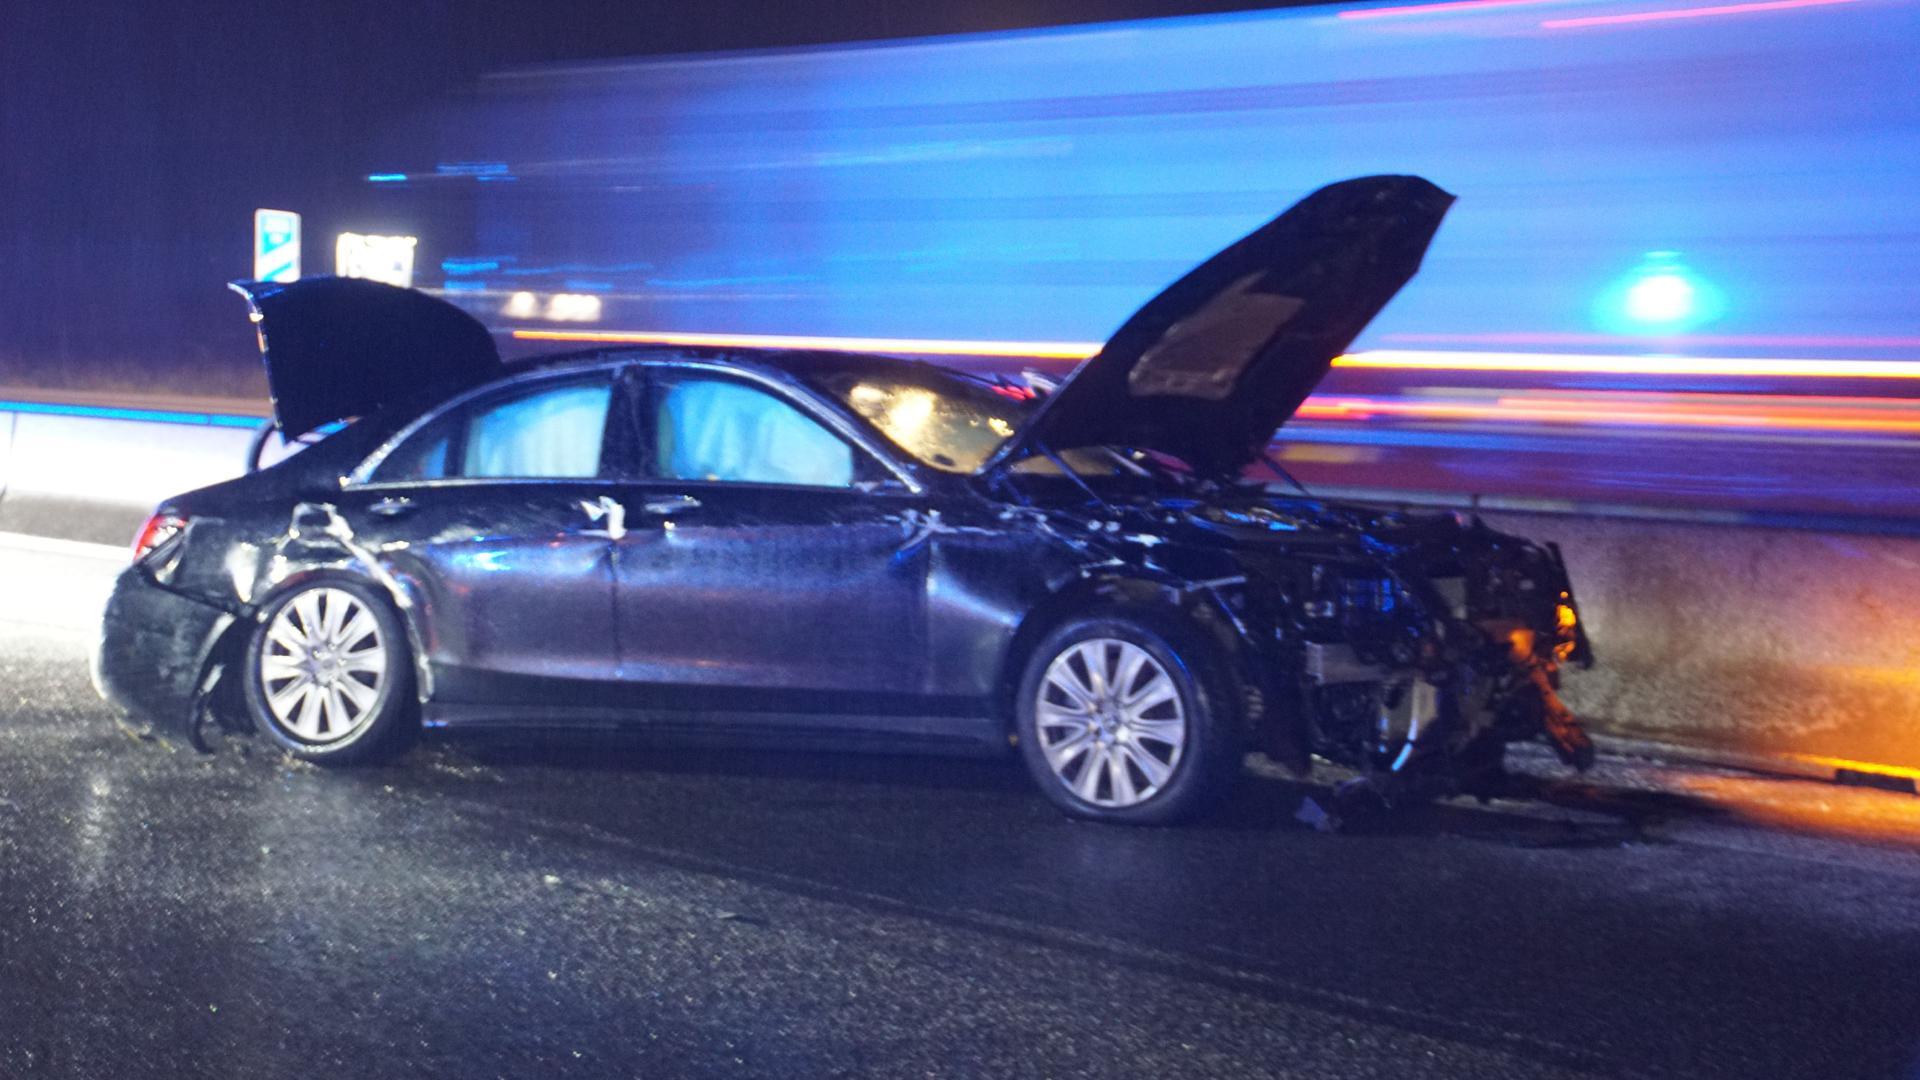 Der Wagen schleuderte über die Fahrbahn und kam auf der linken Spur an der Betonabgrenzung zum Stehen.